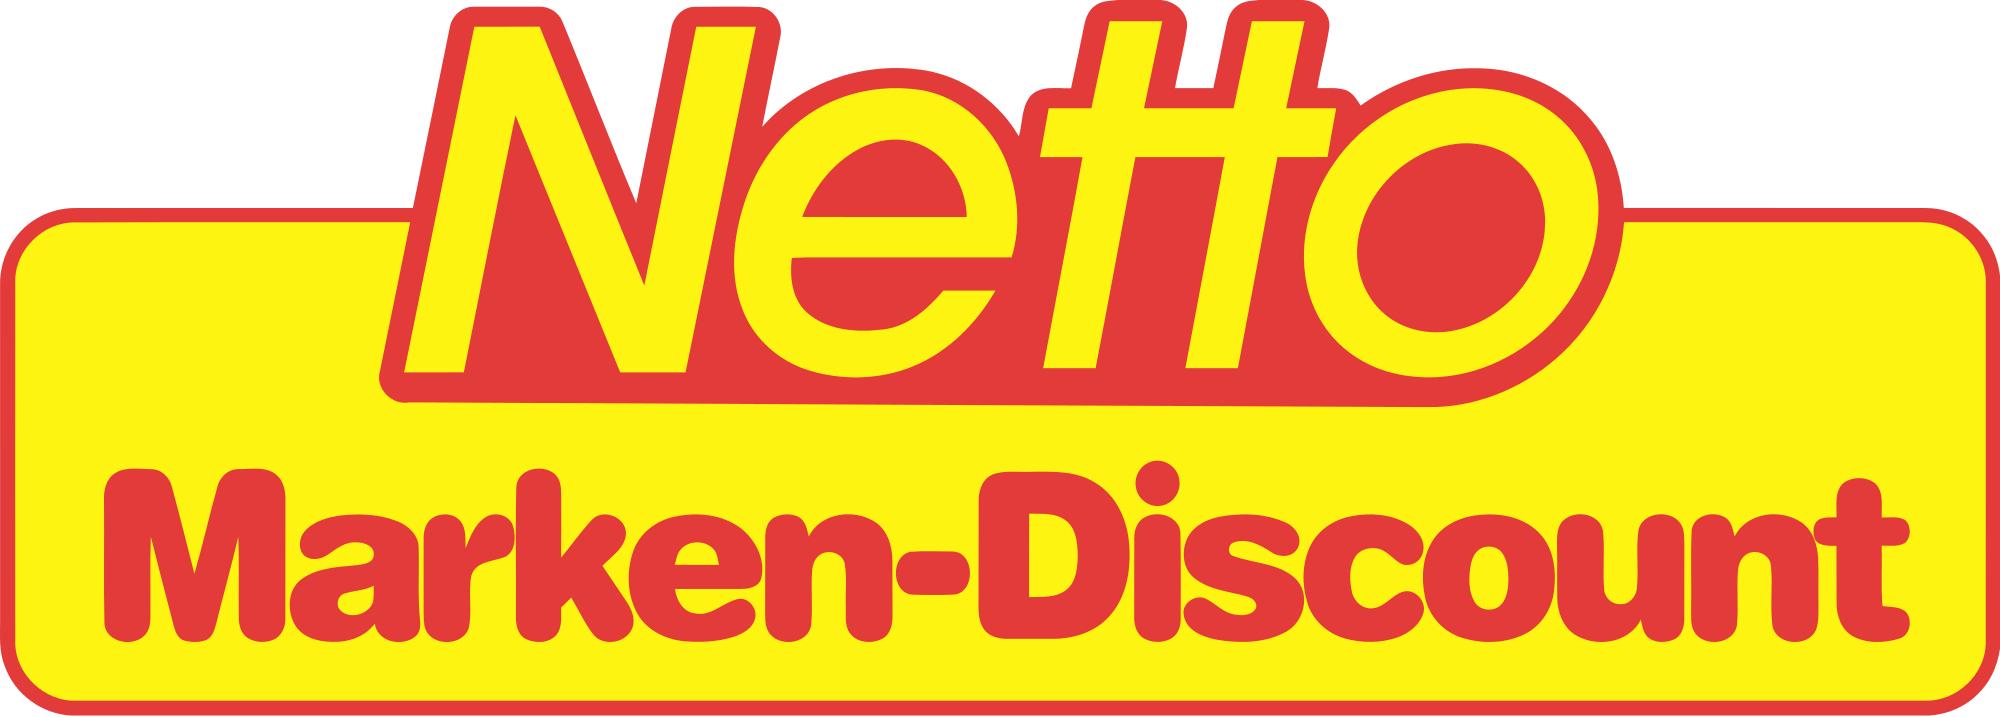 [Victorbur/Ostfriesland] netto Marken-Discount Wiedereröffnung (10% & 5fach P. u. a.)